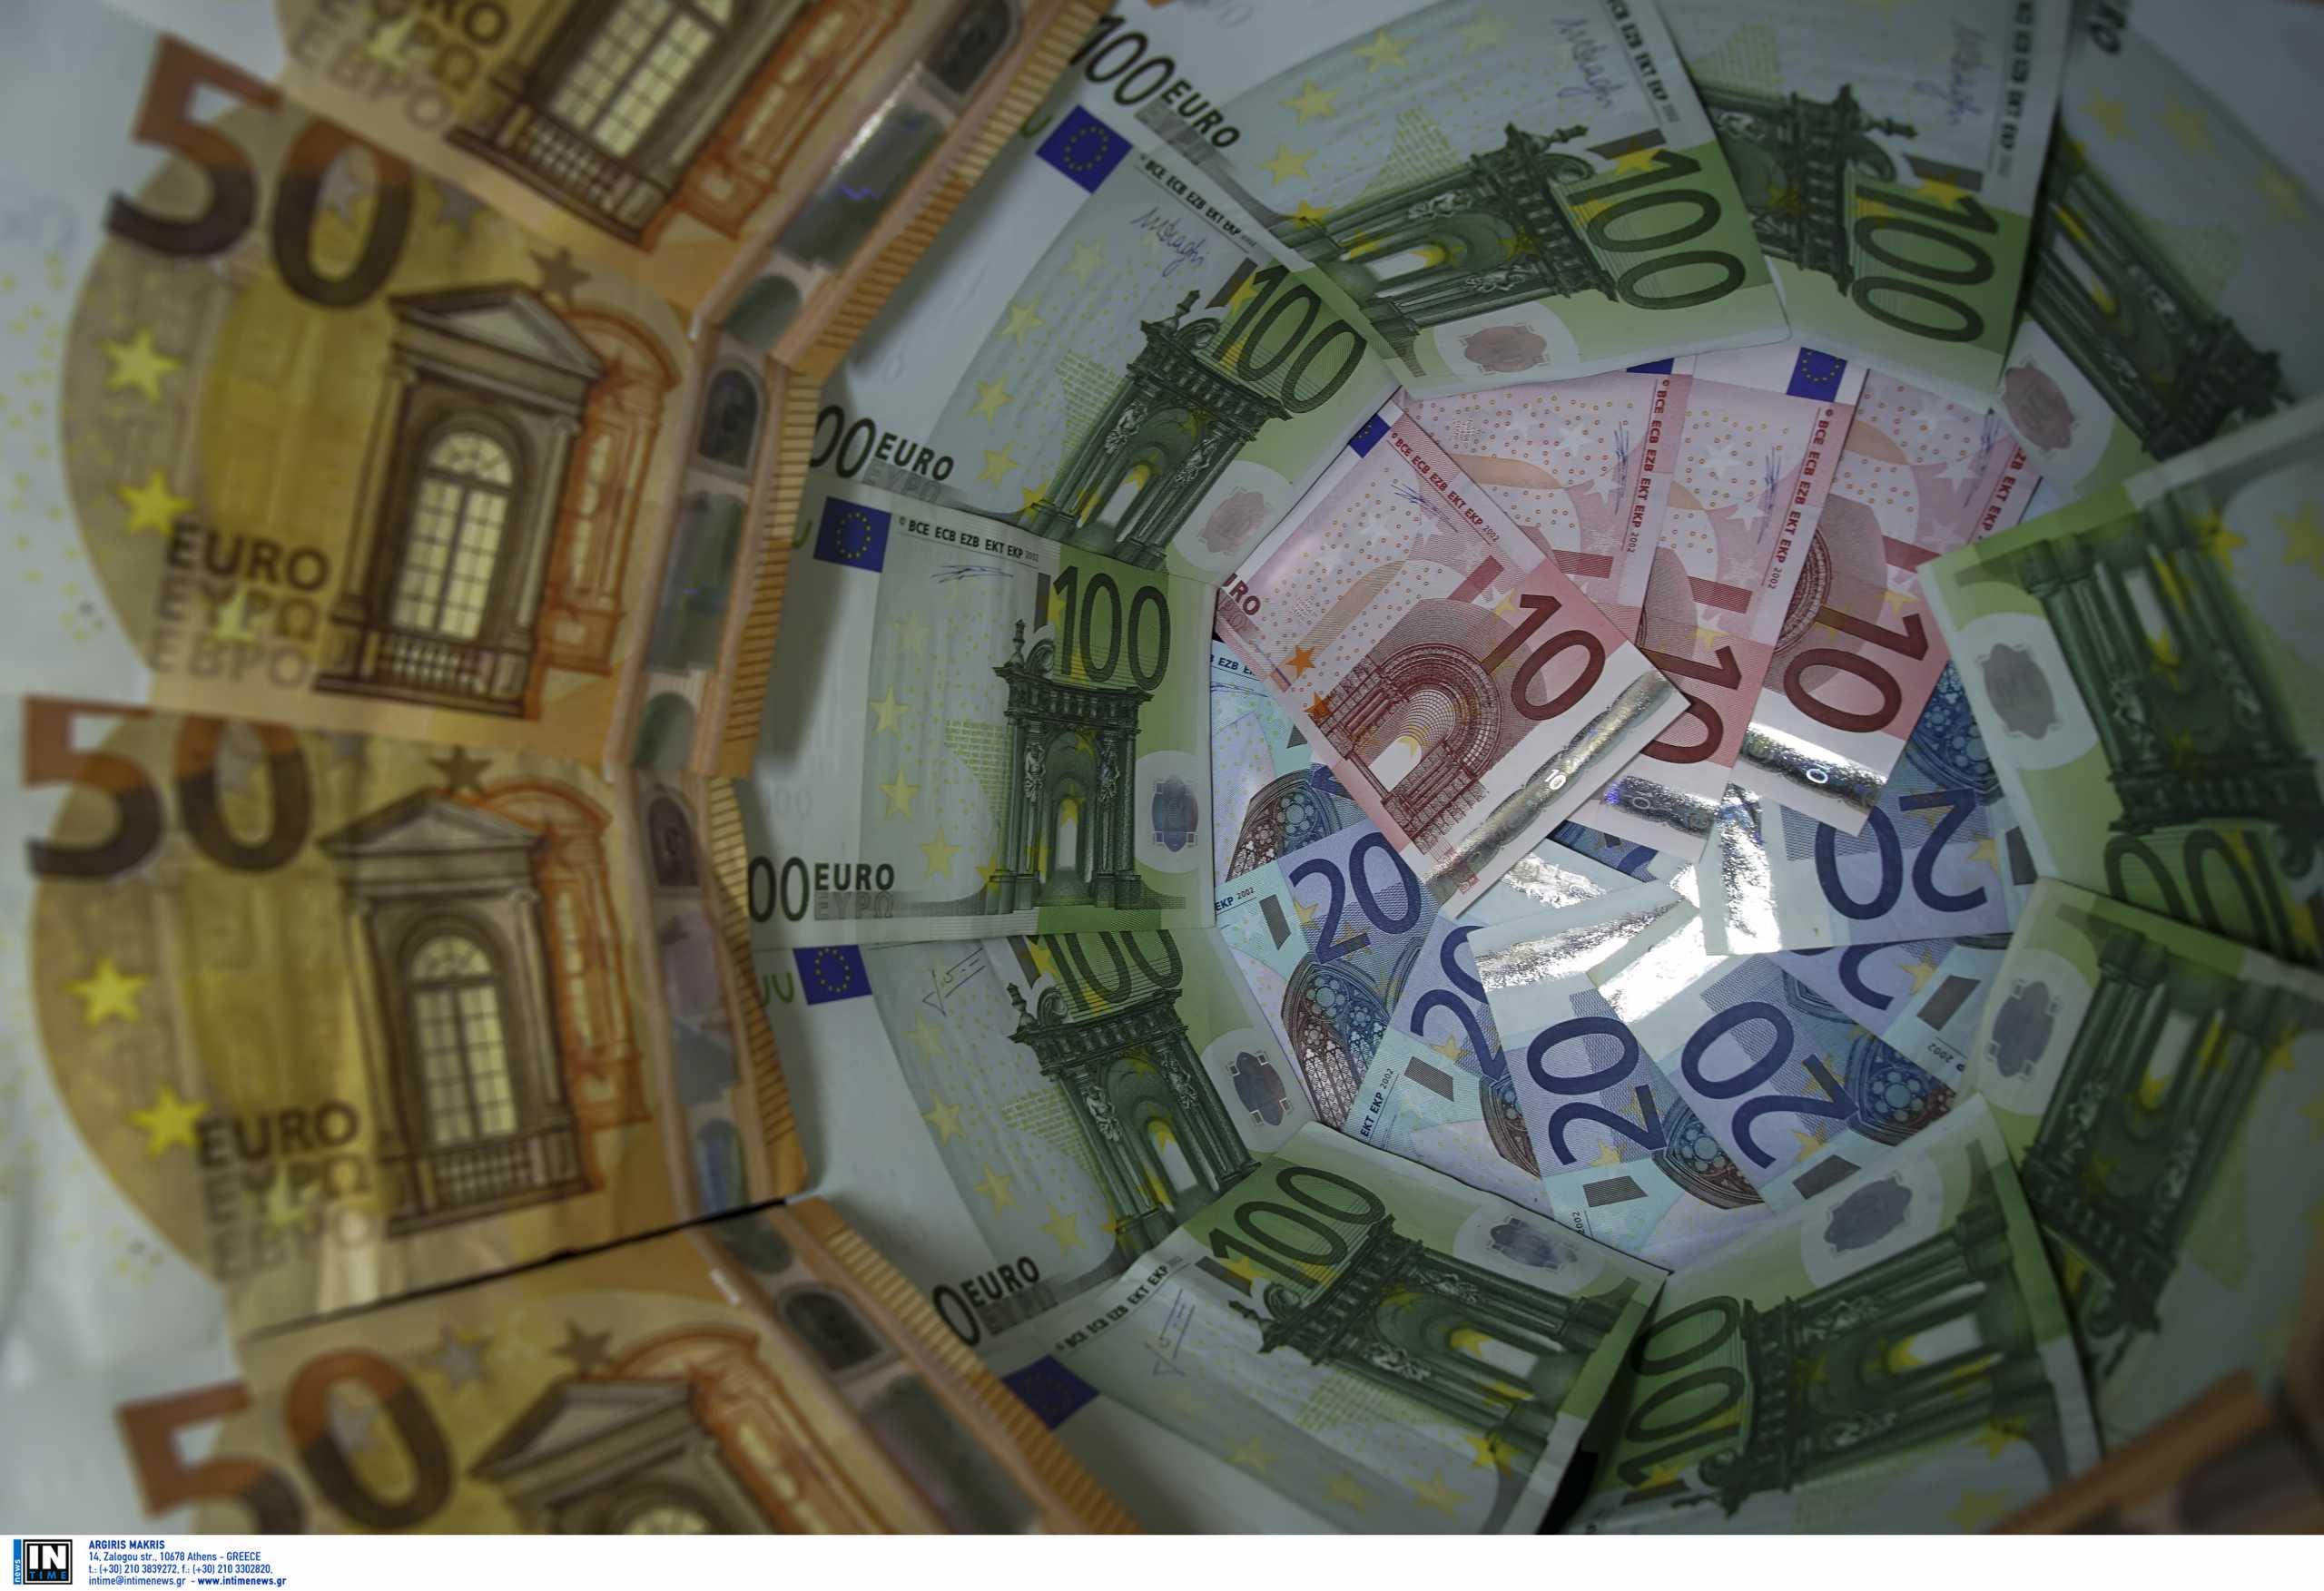 Ντομπρόβσκις: Τέλη Ιουλίου οι πρώτες εκταμιεύσεις από το Ταμείο Ανάκαμψης